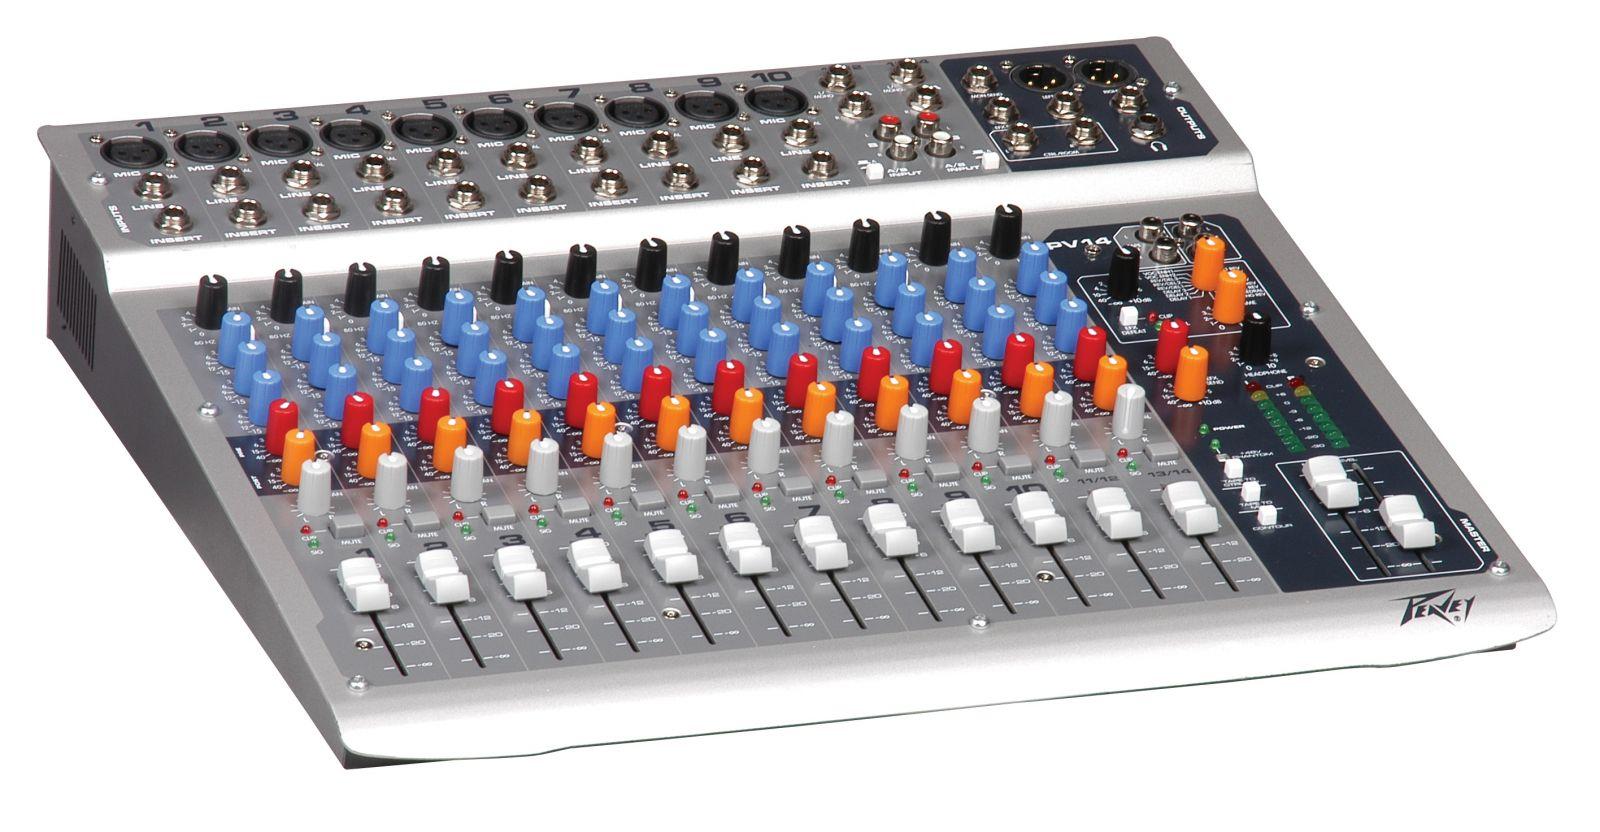 Bàn mixer pv 14 hàng chính hãng